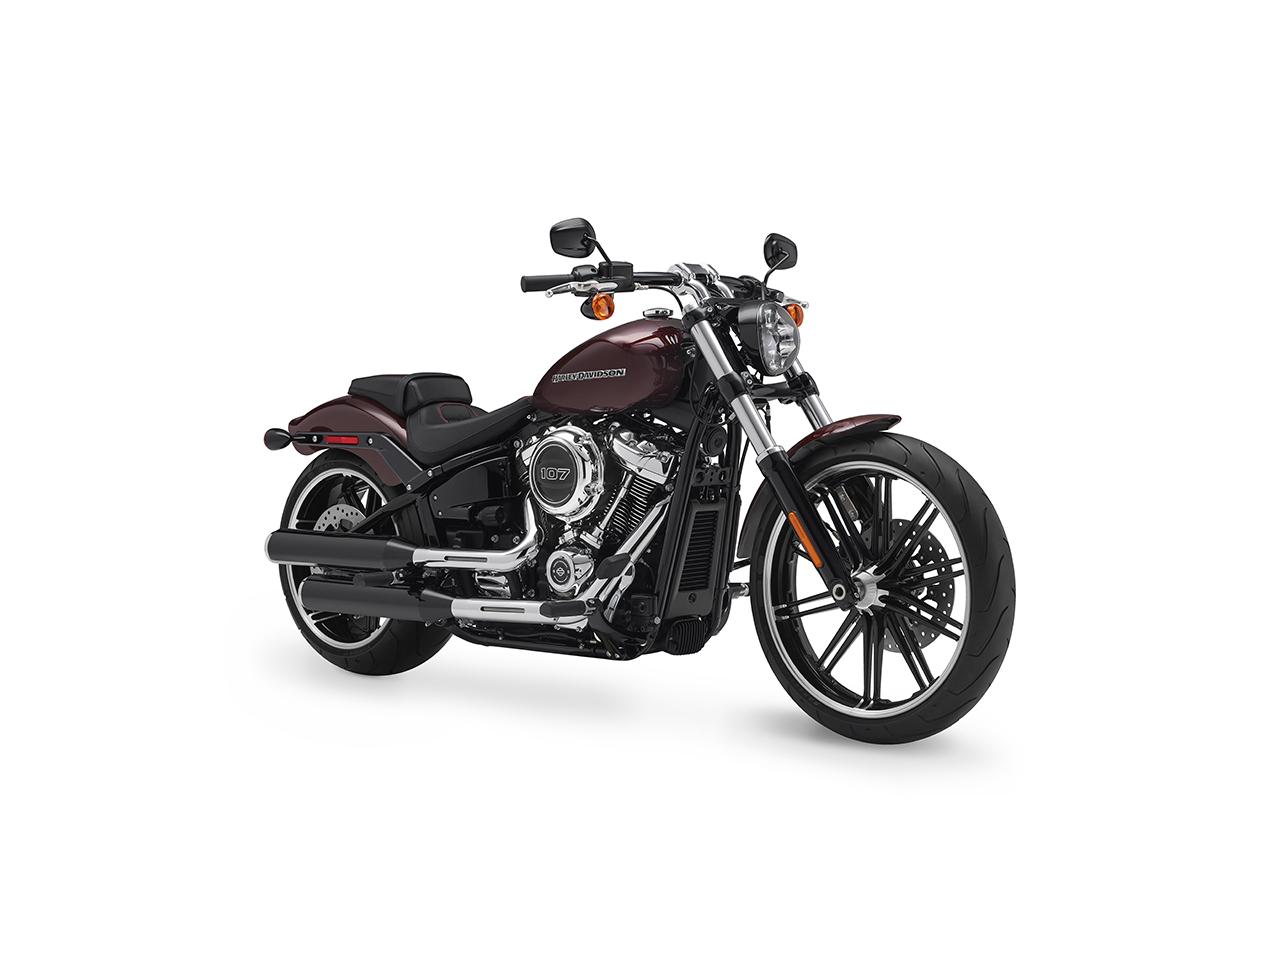 2018 Harley-Davidson Breakout 114 Image